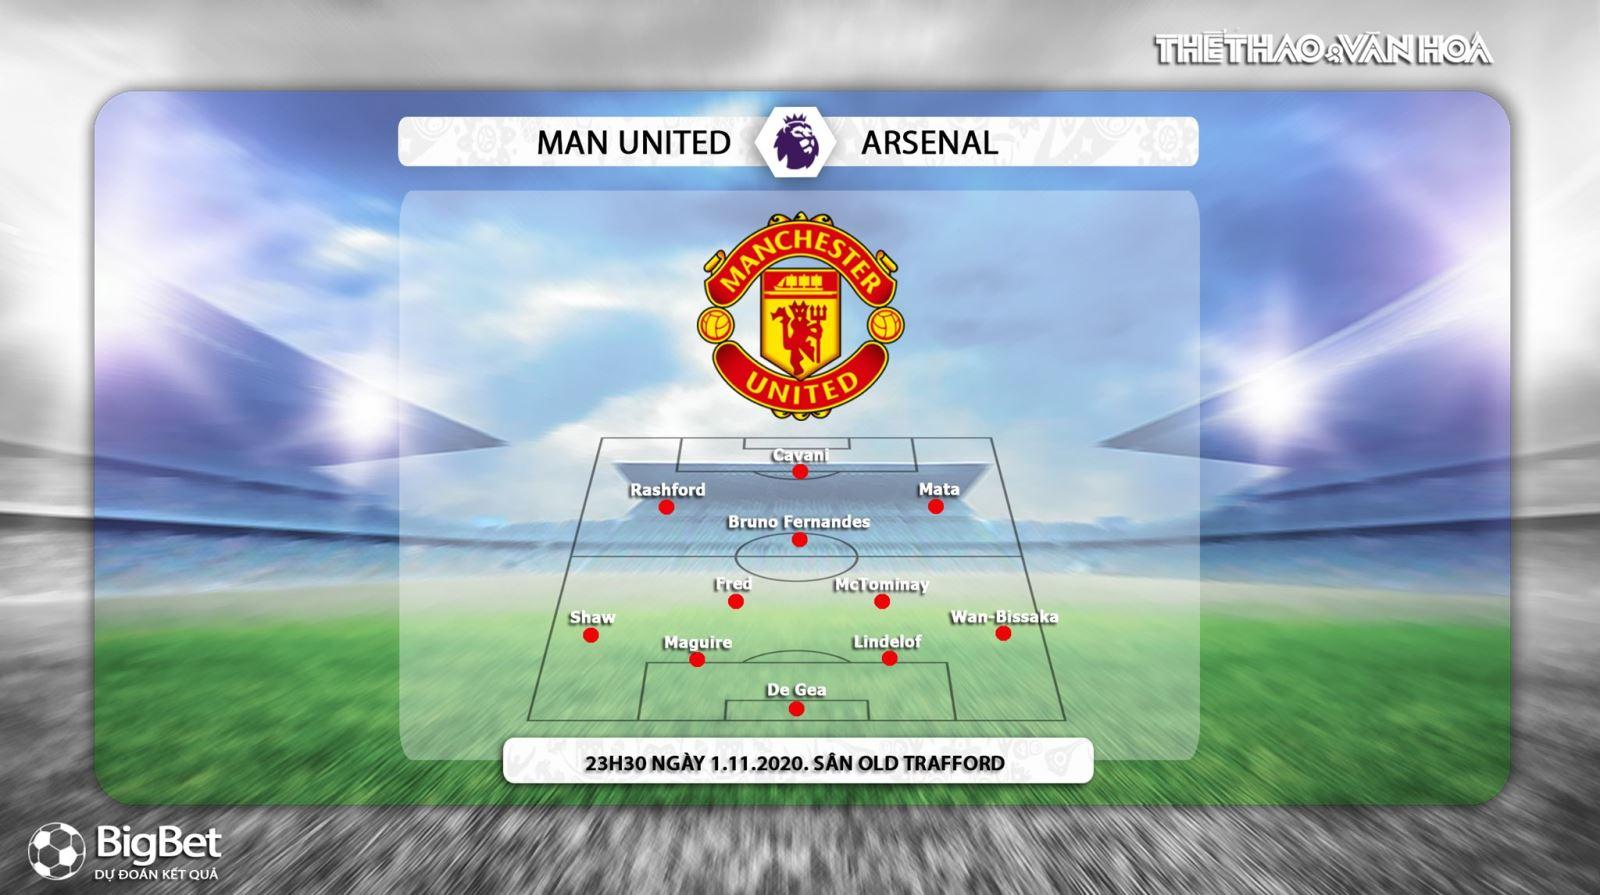 Keo nha cai, kèo nhà cái, MU vs Arsenal, K+PM, Truc tiep bong da, Ngoại hạng Anh vòng 7, trực tiếp bóng đá Anh, soi kèo bóng đá, trực tiếp MU vs Arsenal, kèo MU, bong da